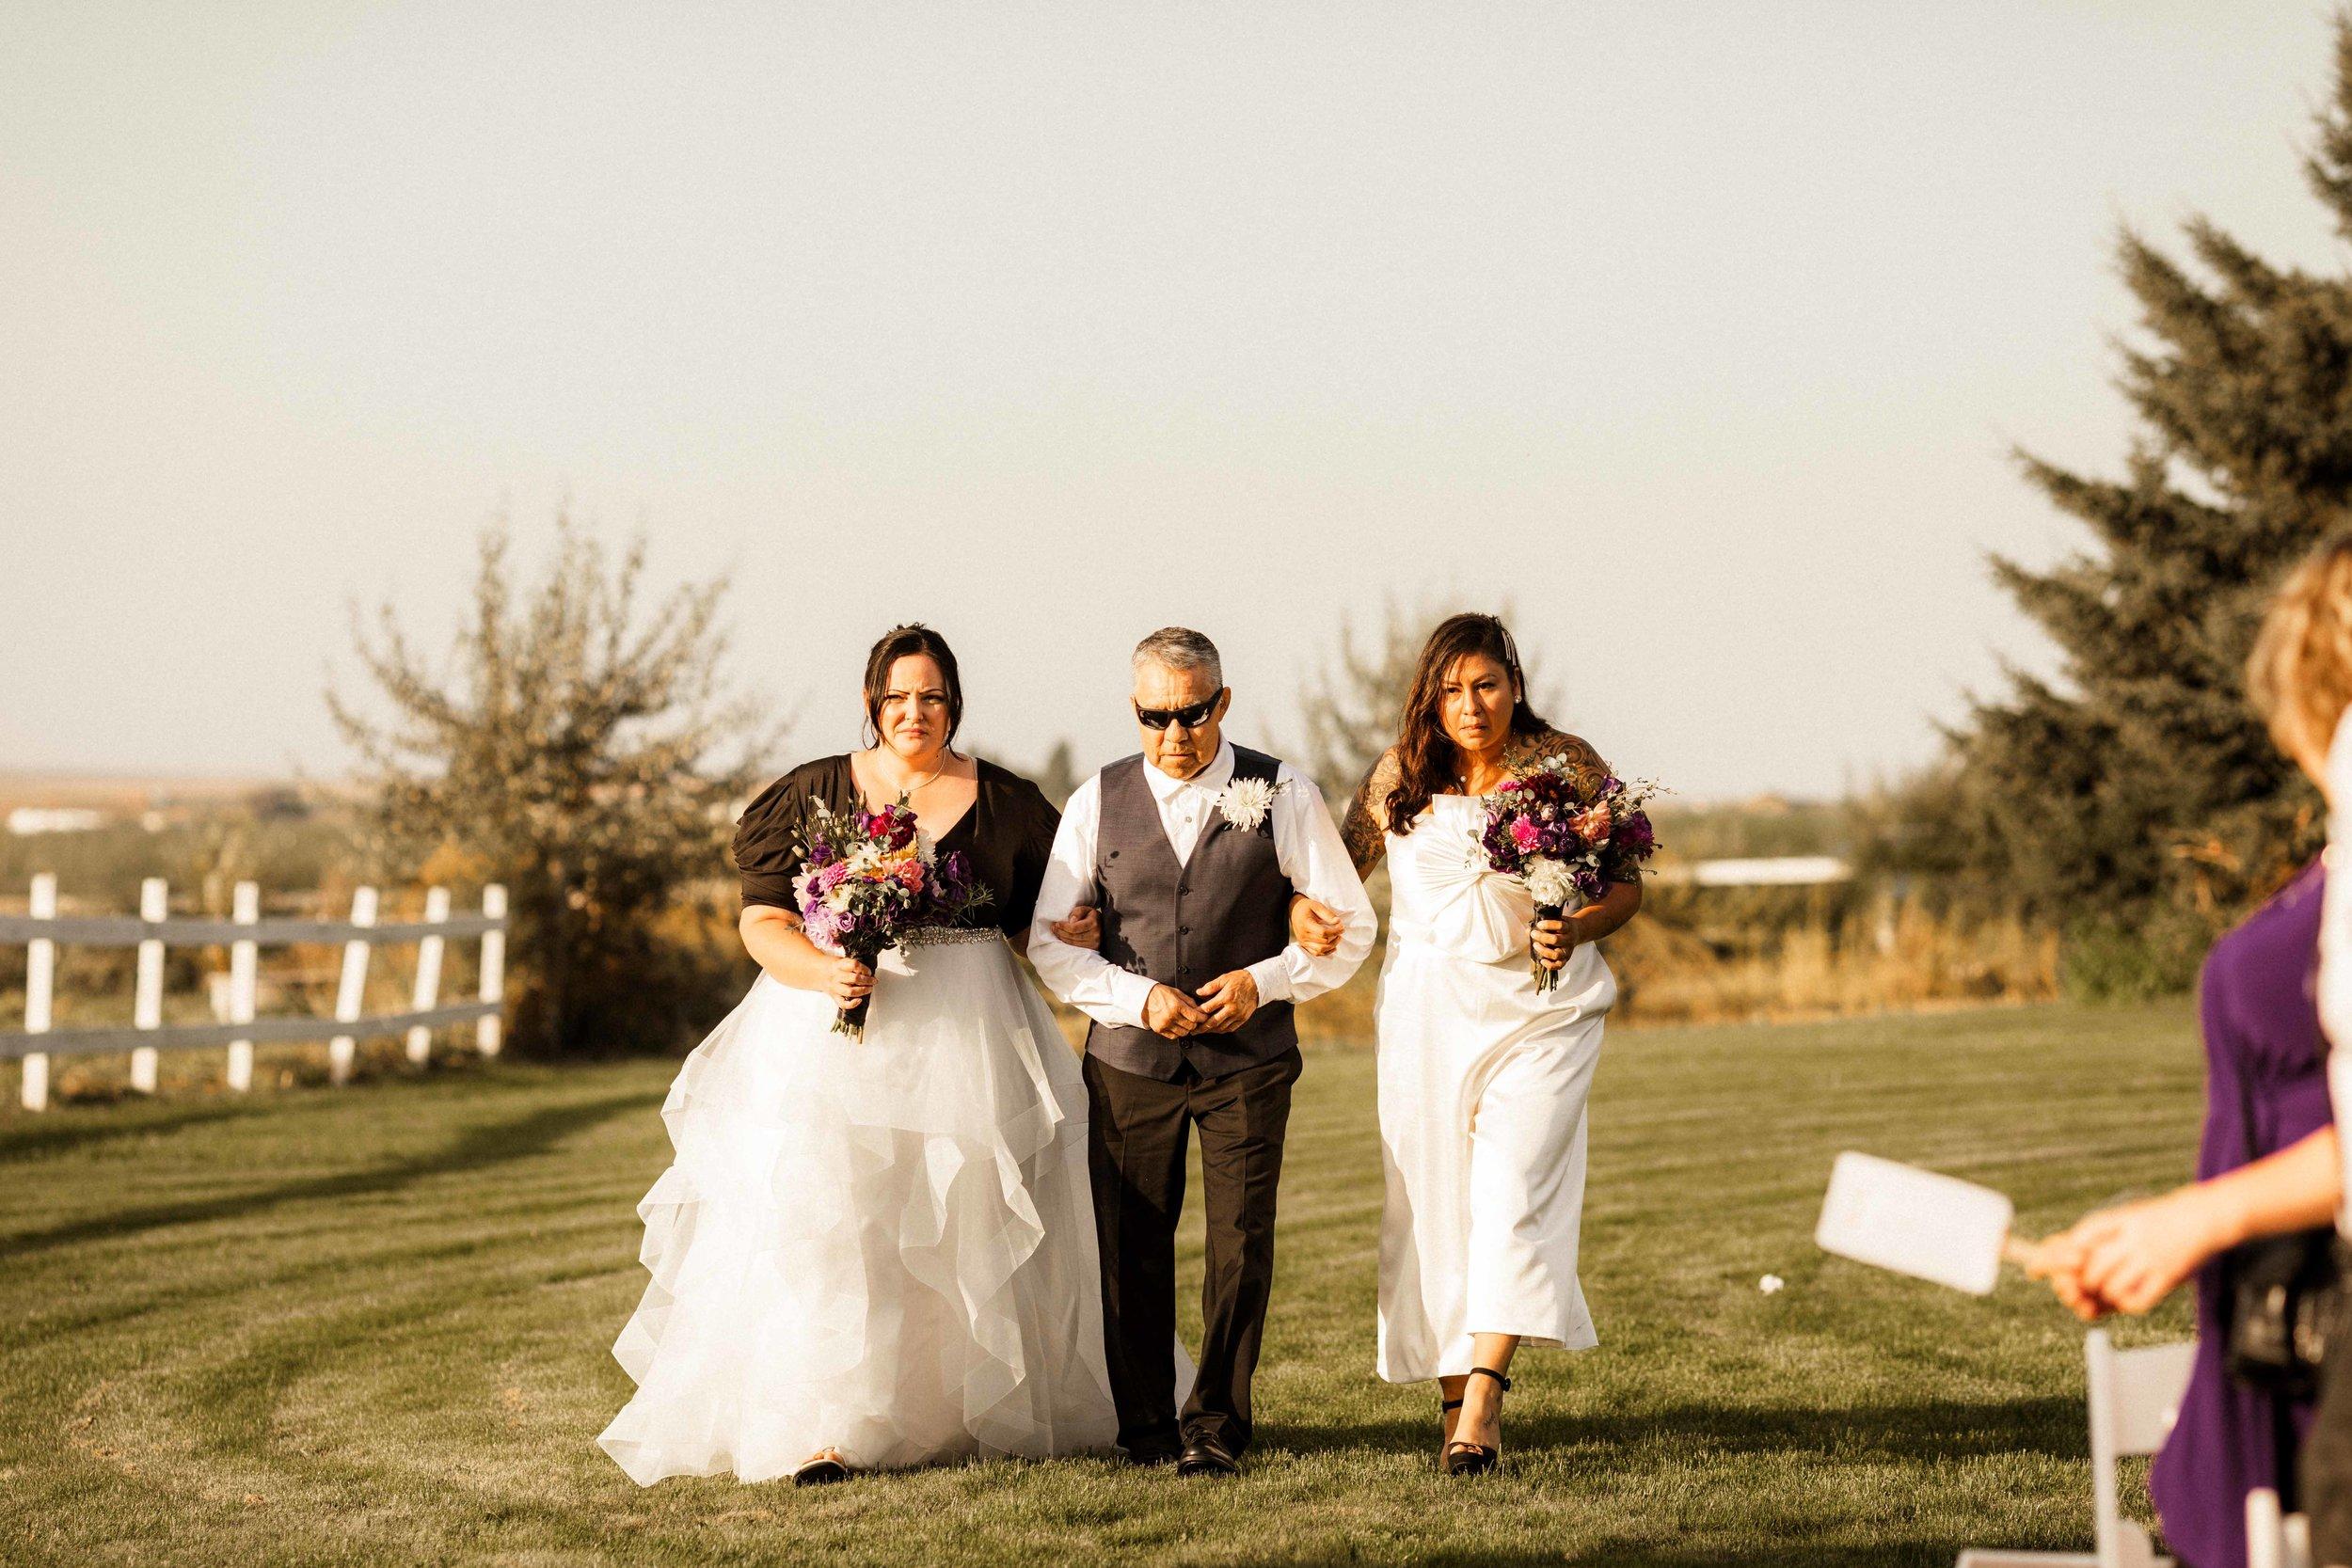 pasco-wedding-photos-12.jpg